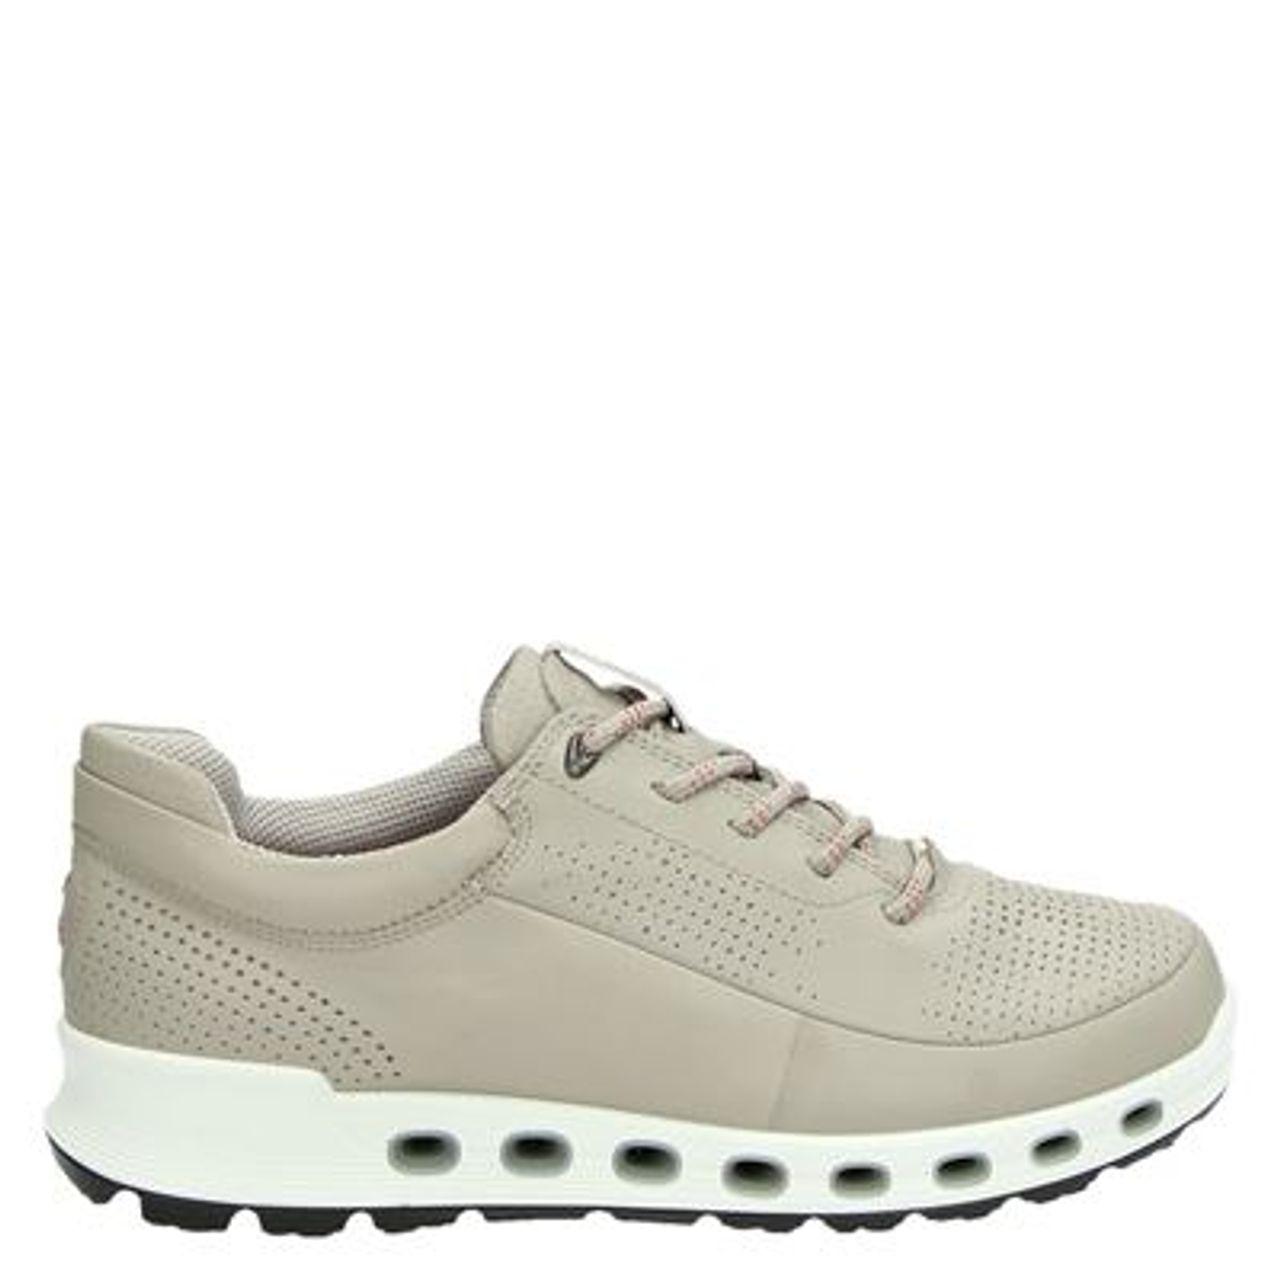 baa057dc8b1 Ecco Cool 2.0 lage sneakers beige - Vergelijk prijzen